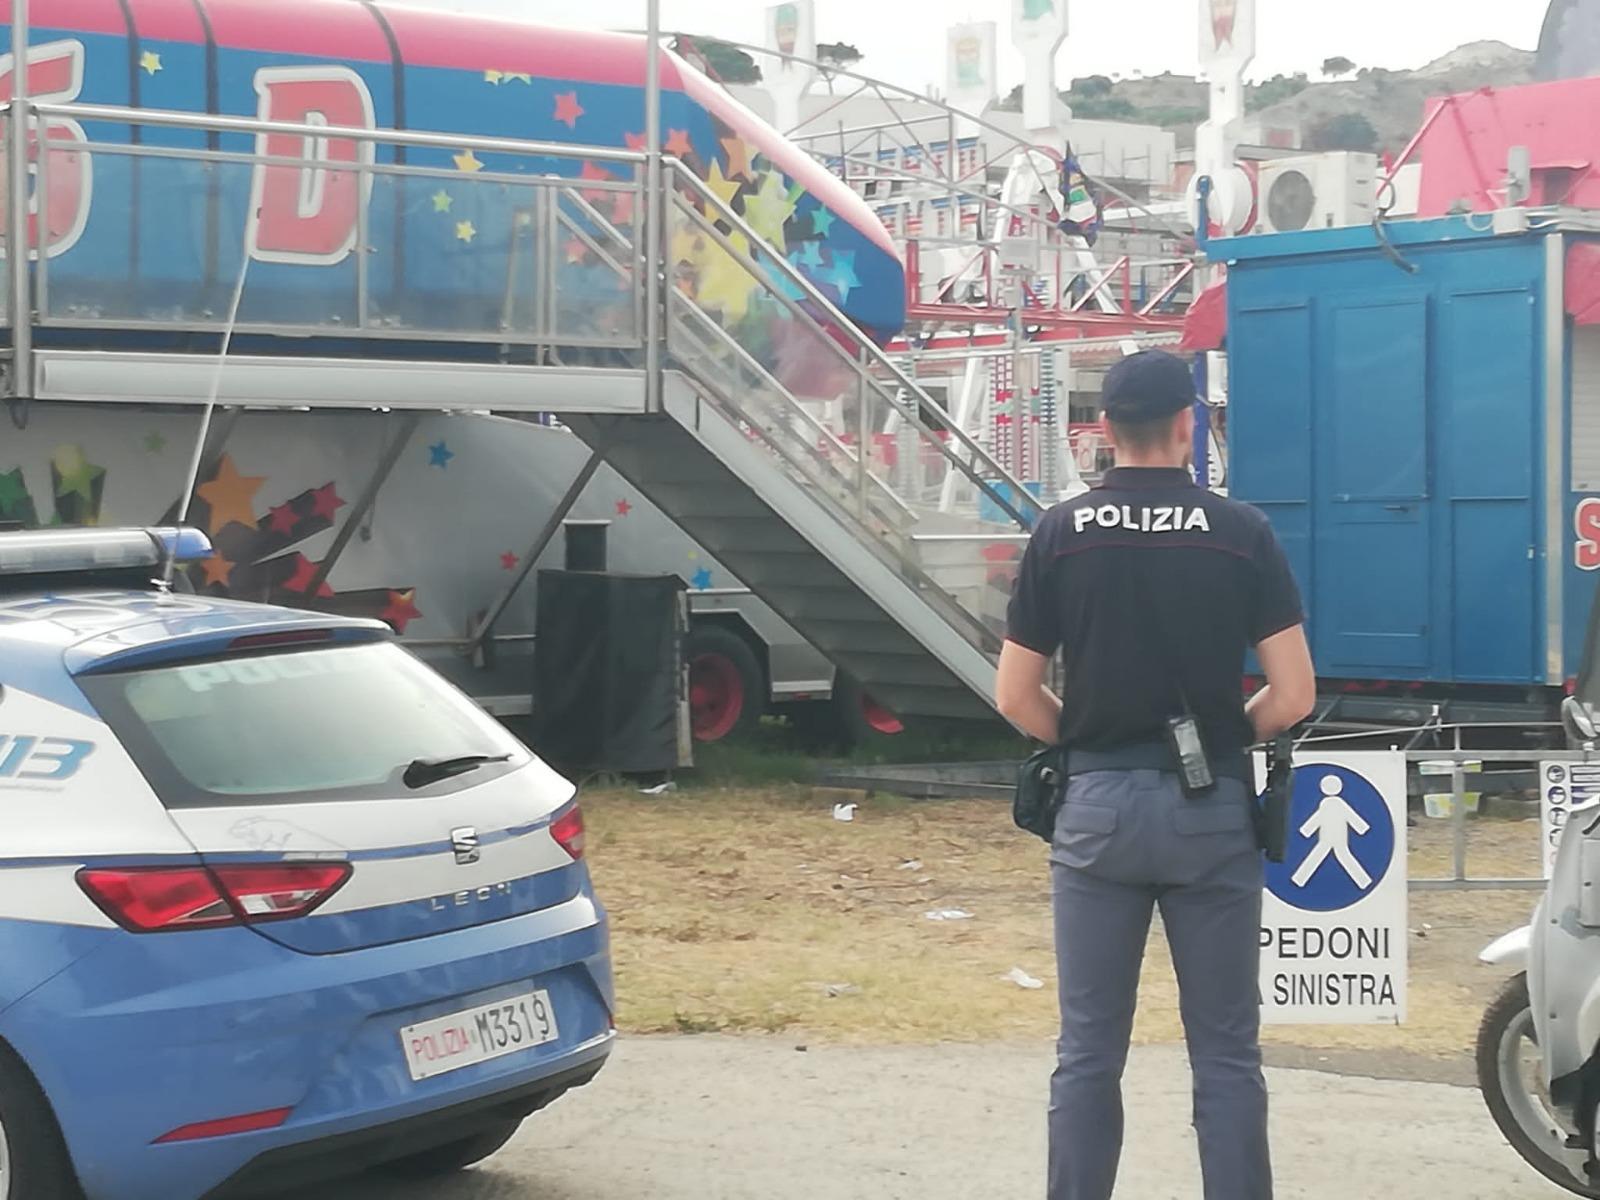 Giostre non idonee, due incidenti e utenti feriti: scatta il sequestro anche del parco giochi